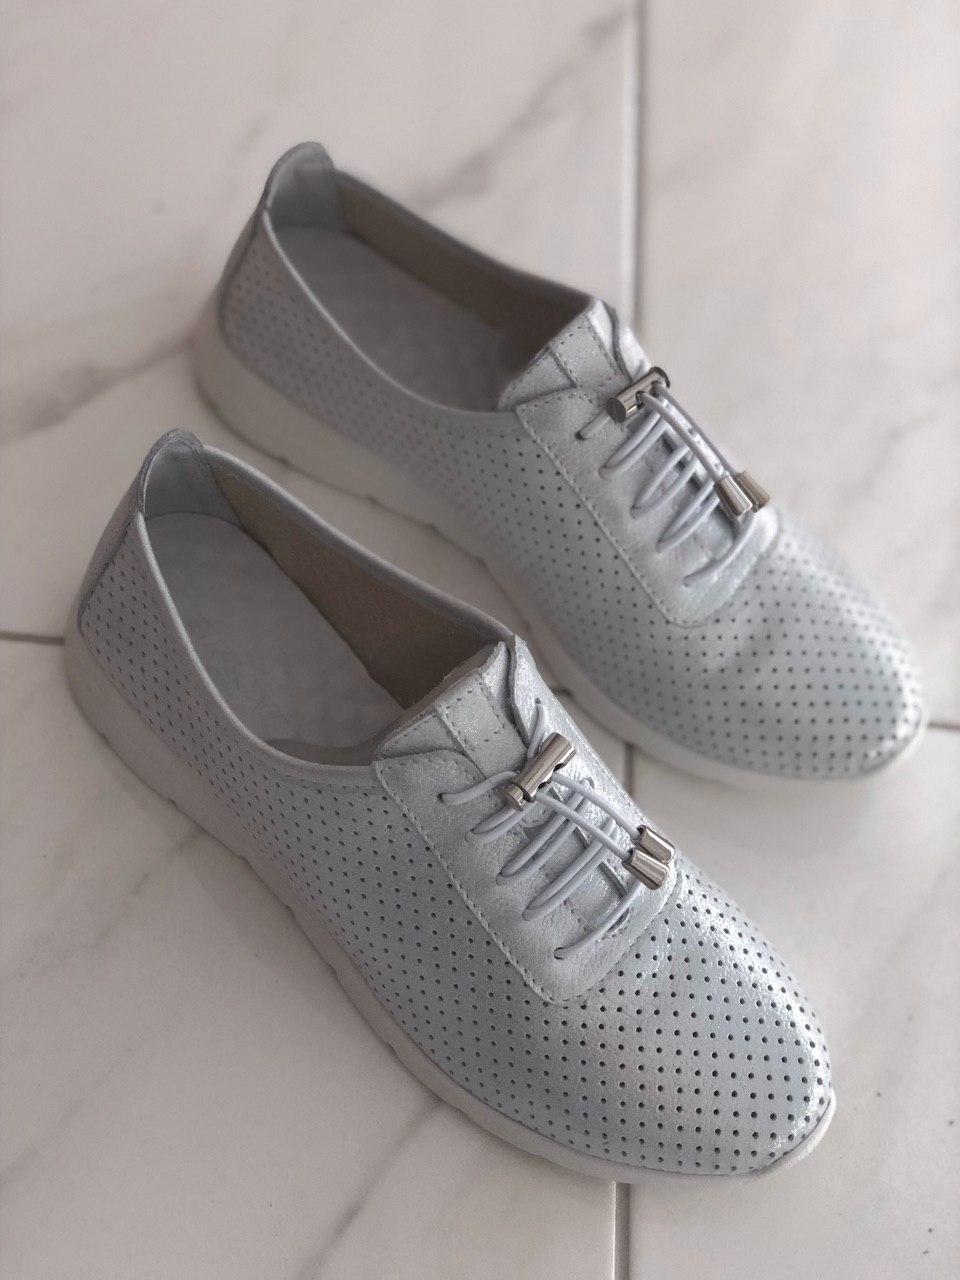 Шкіряні кросівки жіночі MAX MAYAR 64 BA сат розміри 36,37,38,39,40,41